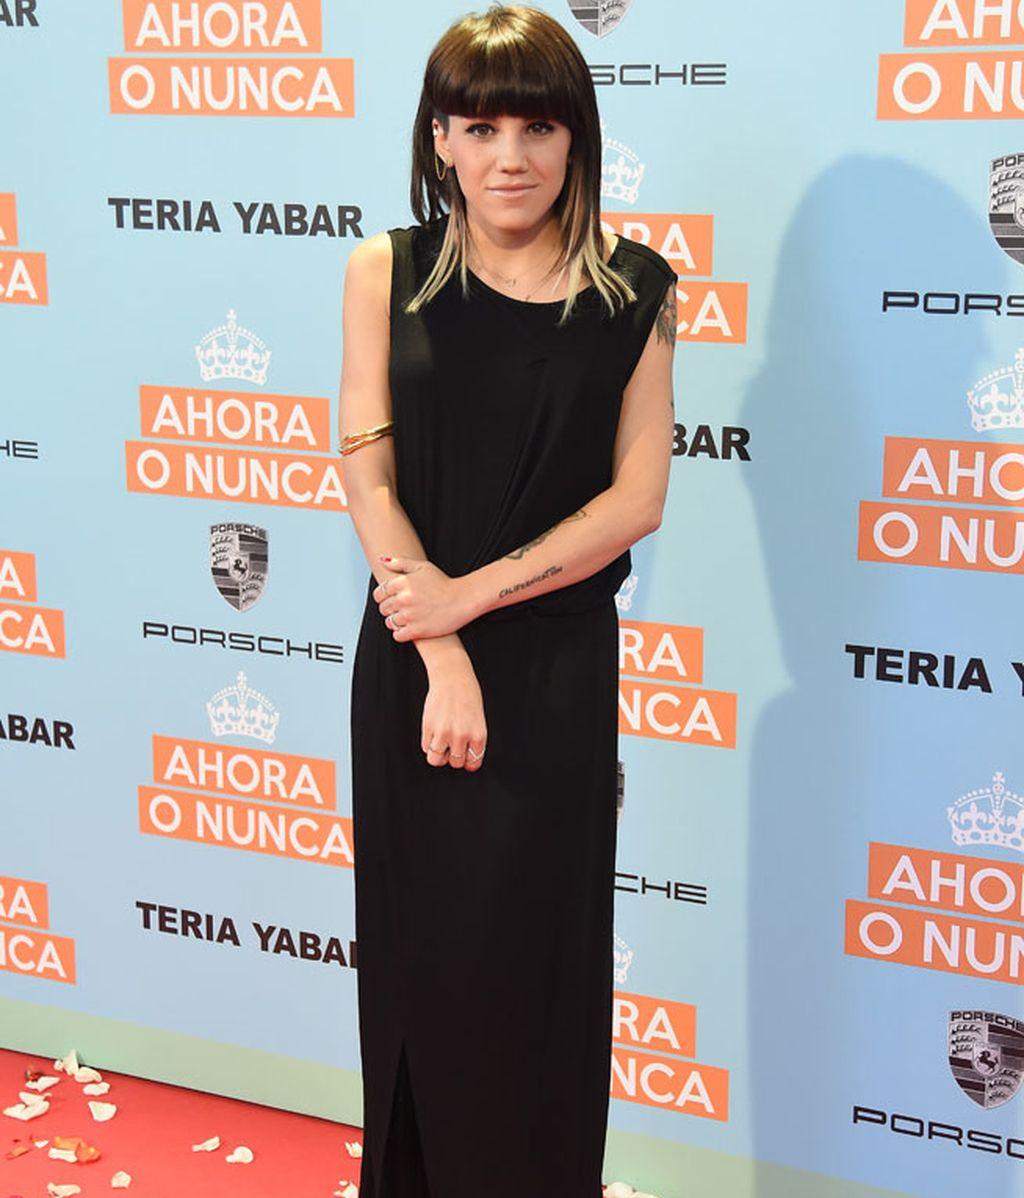 Angy optó por un vestido negro largo sin mangas